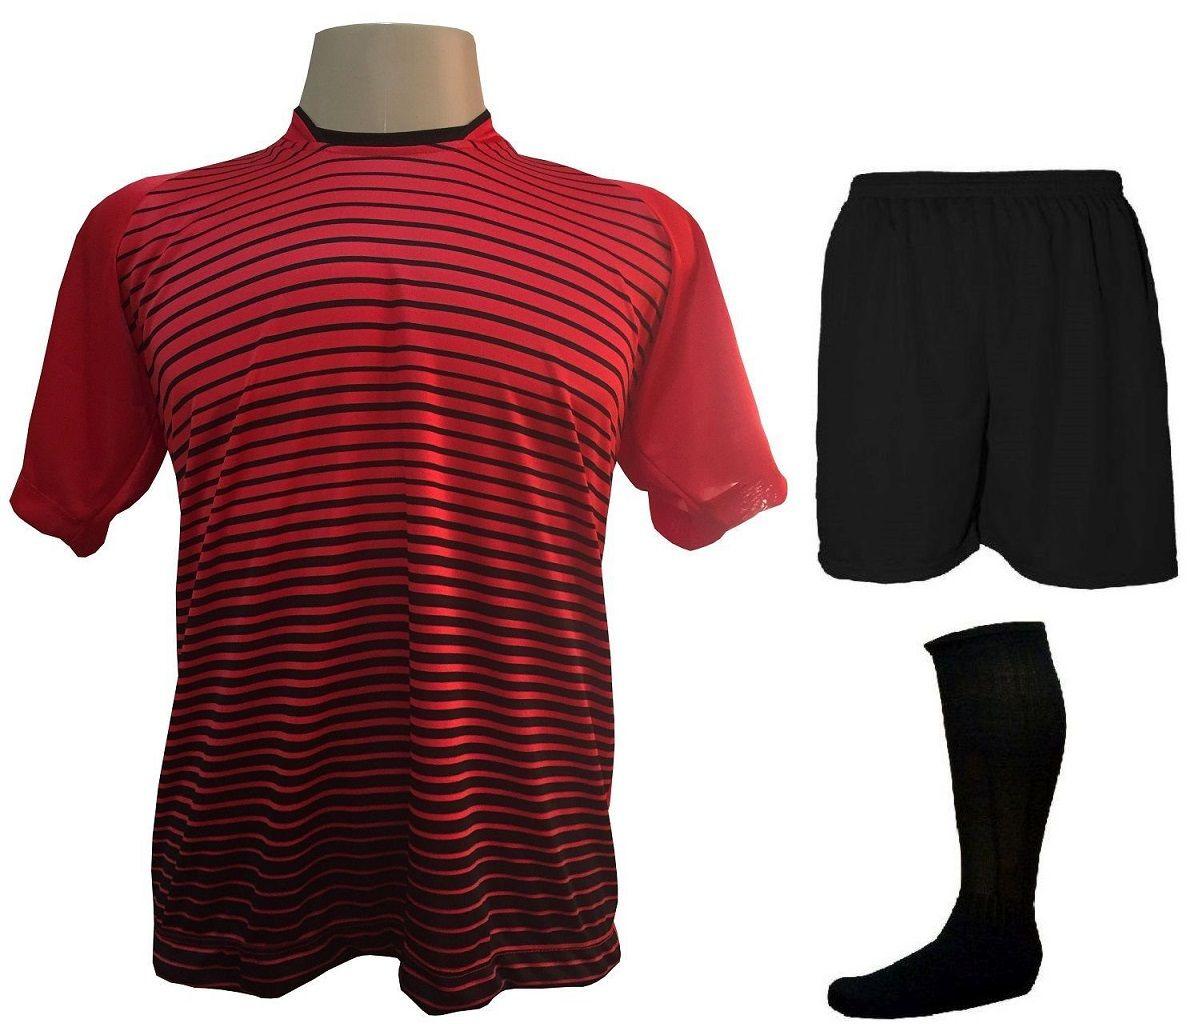 Uniforme Esportivo com 18 camisas modelo City Vermelho/Preto + 18 calções modelo Madrid Preto + 18 pares de meiões Preto